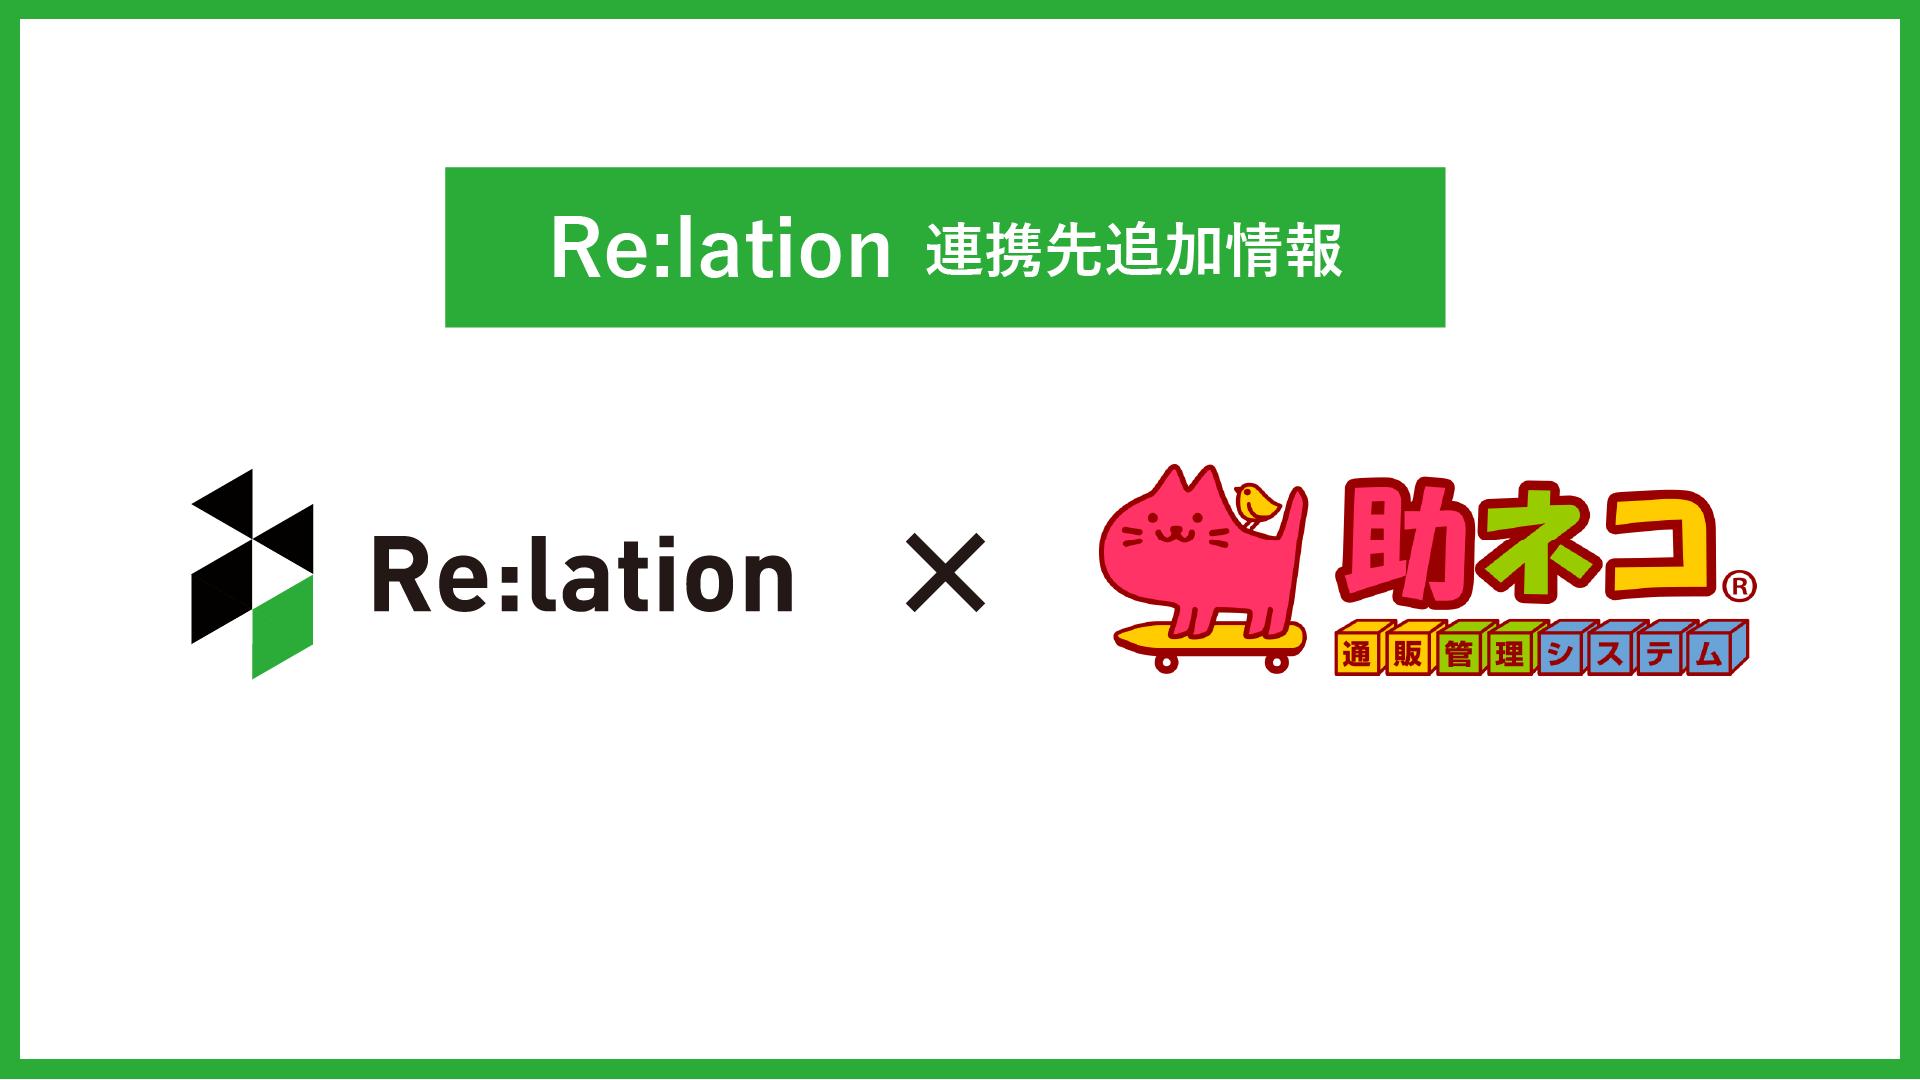 顧客対応ツール『Re:lation(リレーション)』が通販管理システム『助ネコ』と連携